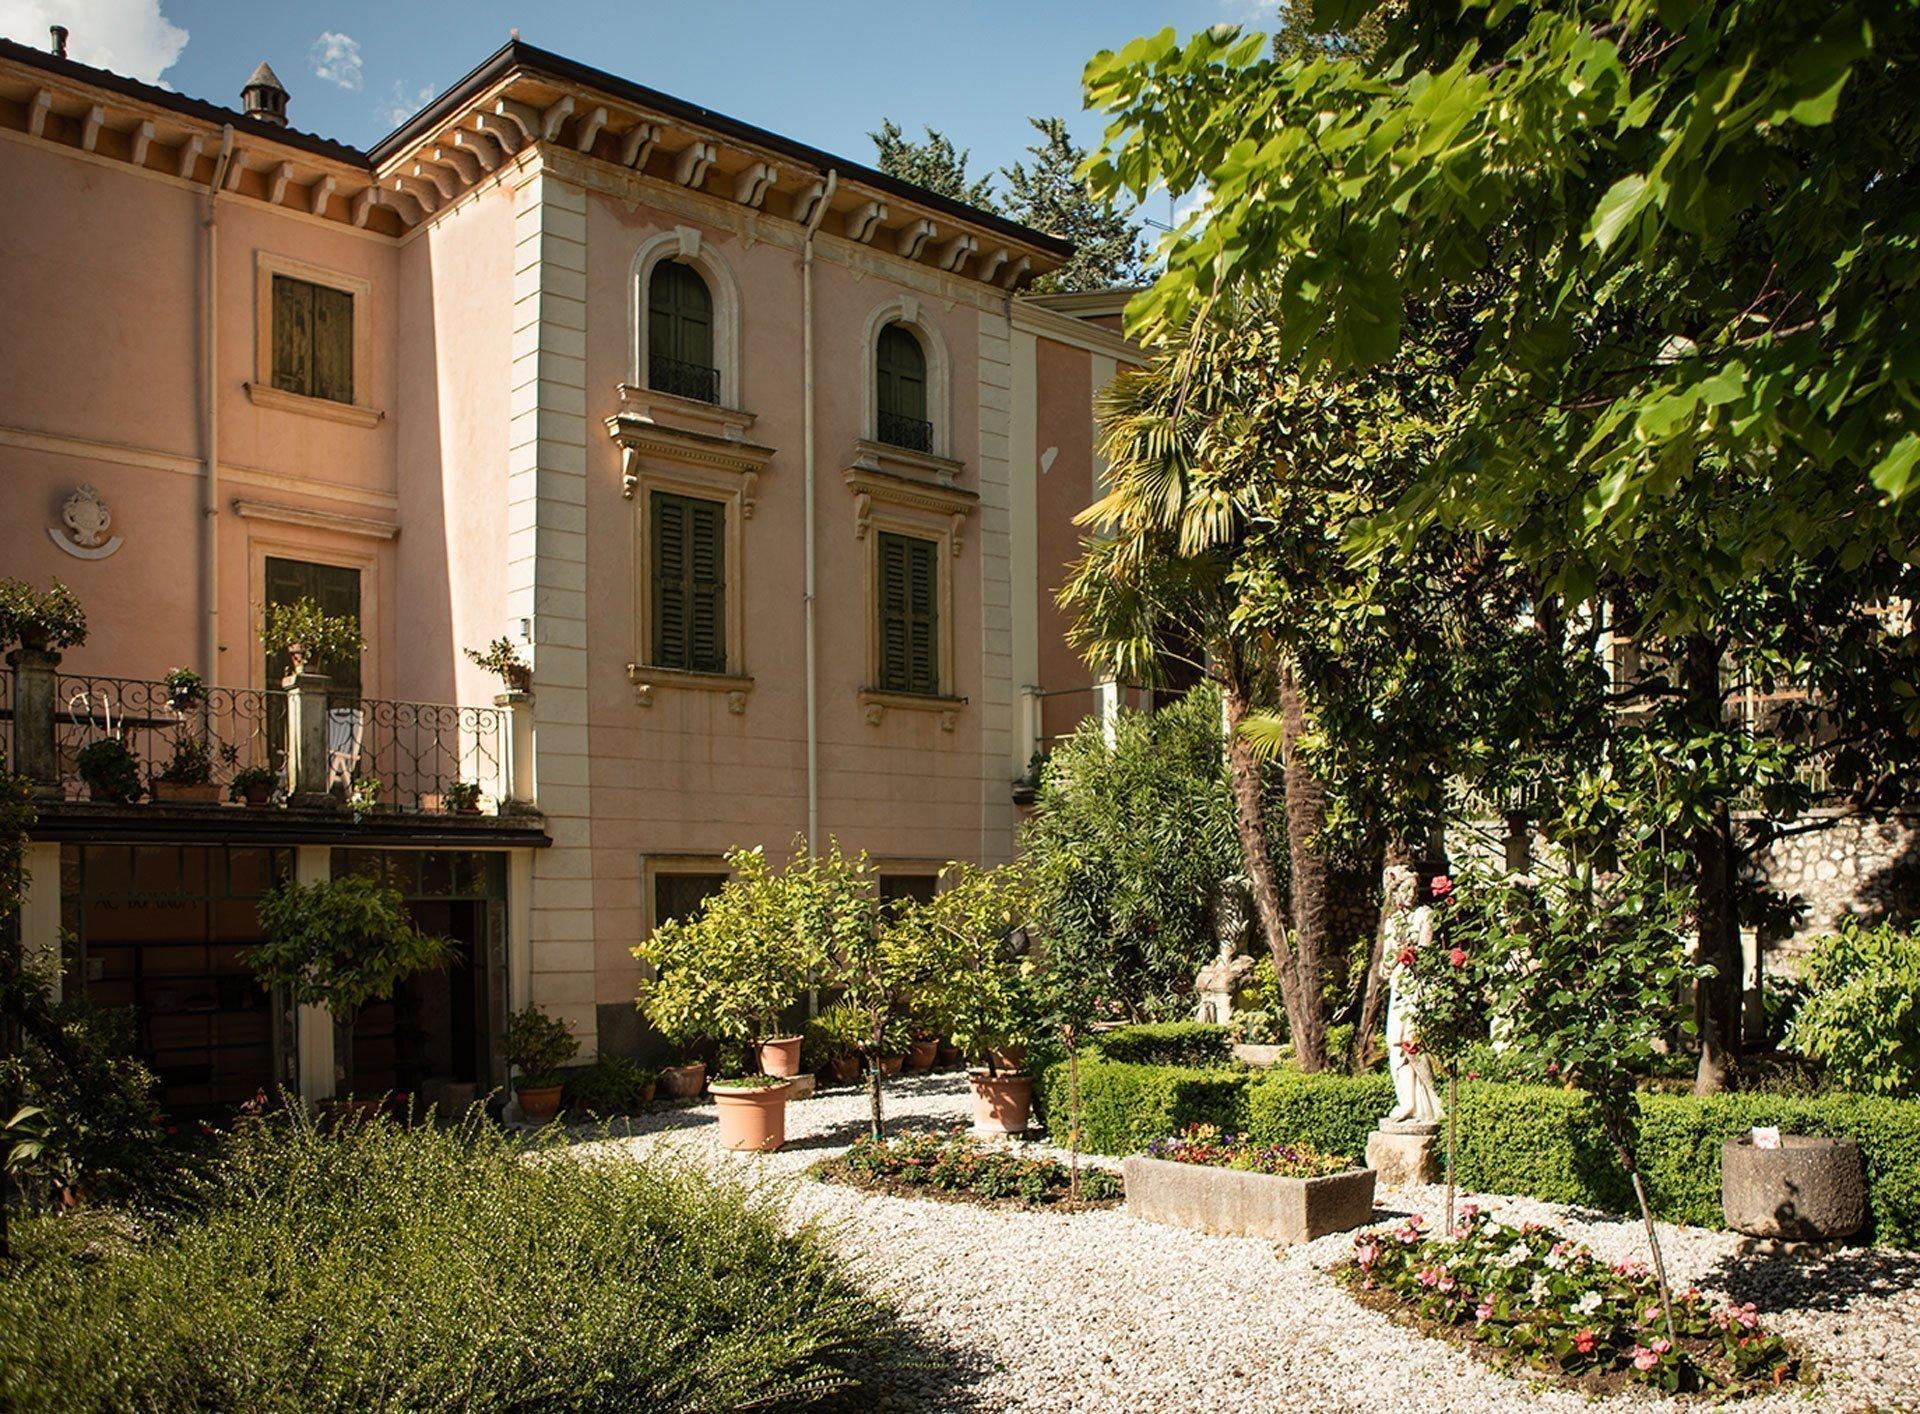 Villa Quintarelli-Ruffo